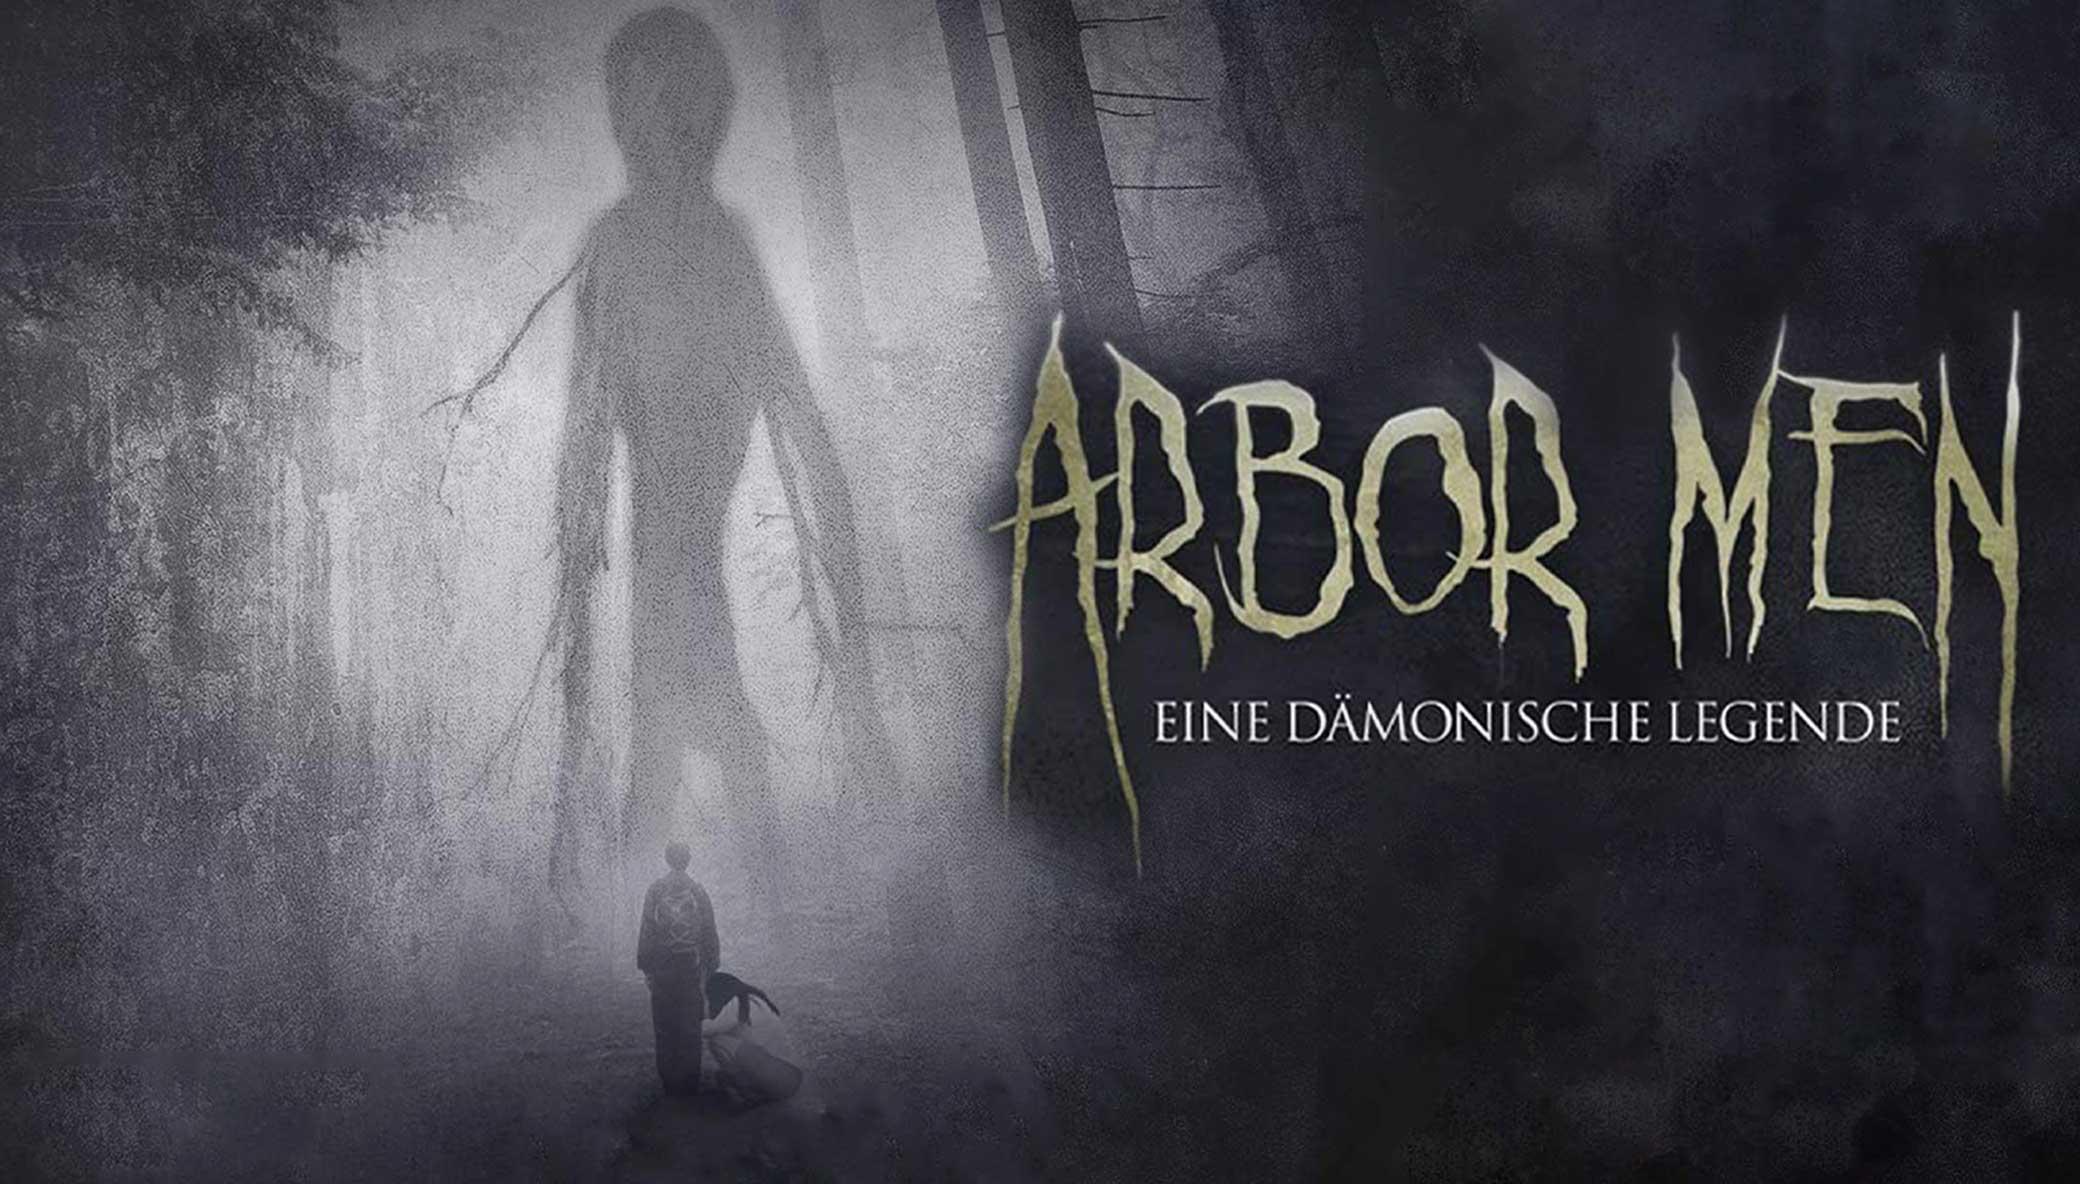 arbor-men-eine-damonische-legende\header.jpg